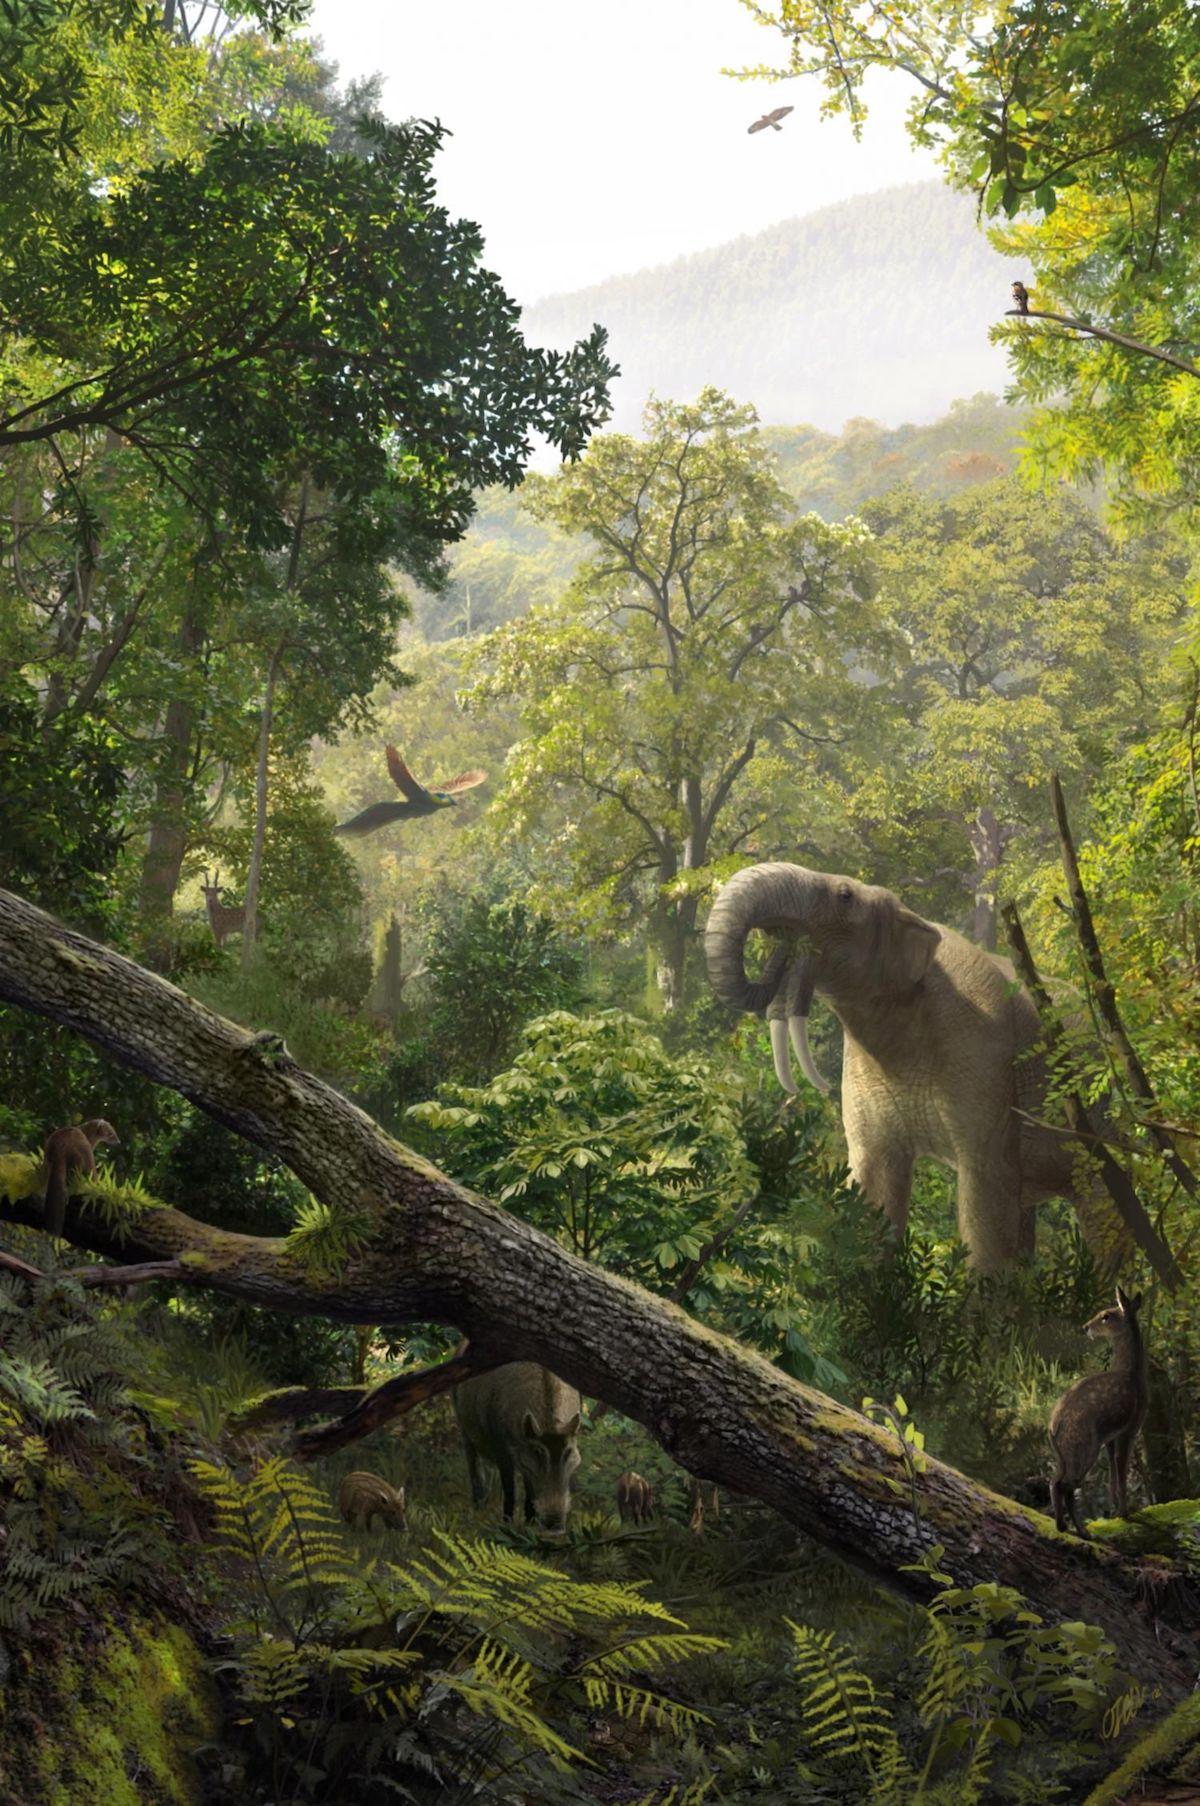 Representación del medio ambiente y algunas de las especies que habitaban el área de Els Hostalets de Pierola hace unos 12 millones de años- Oscar Sanisidro, Institut Català de Paleontologia Miquel Crusafont (ICP)